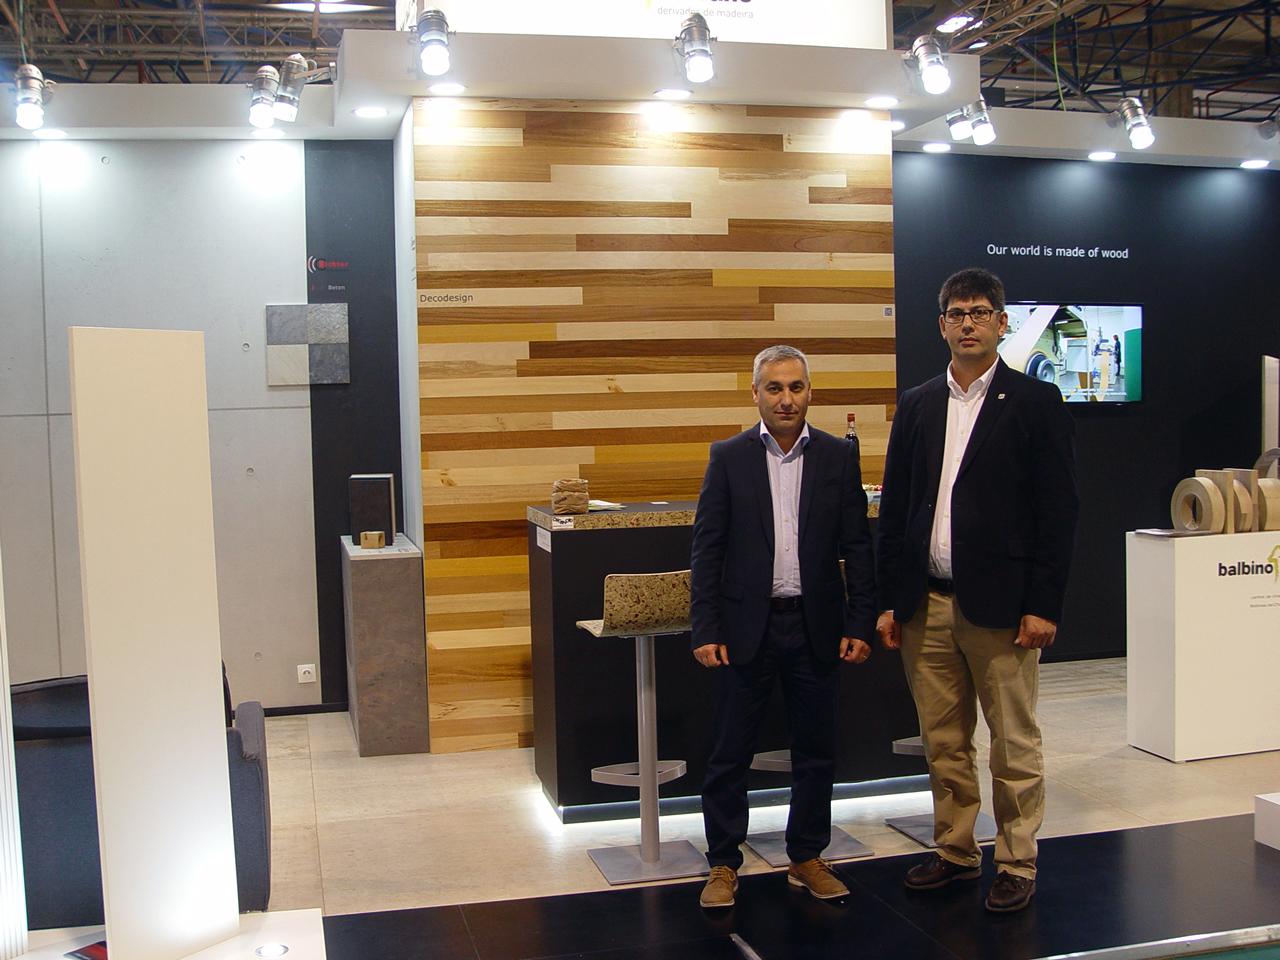 BALBINO & FAUSTINO presenta su nueva colección de tableros rústicos